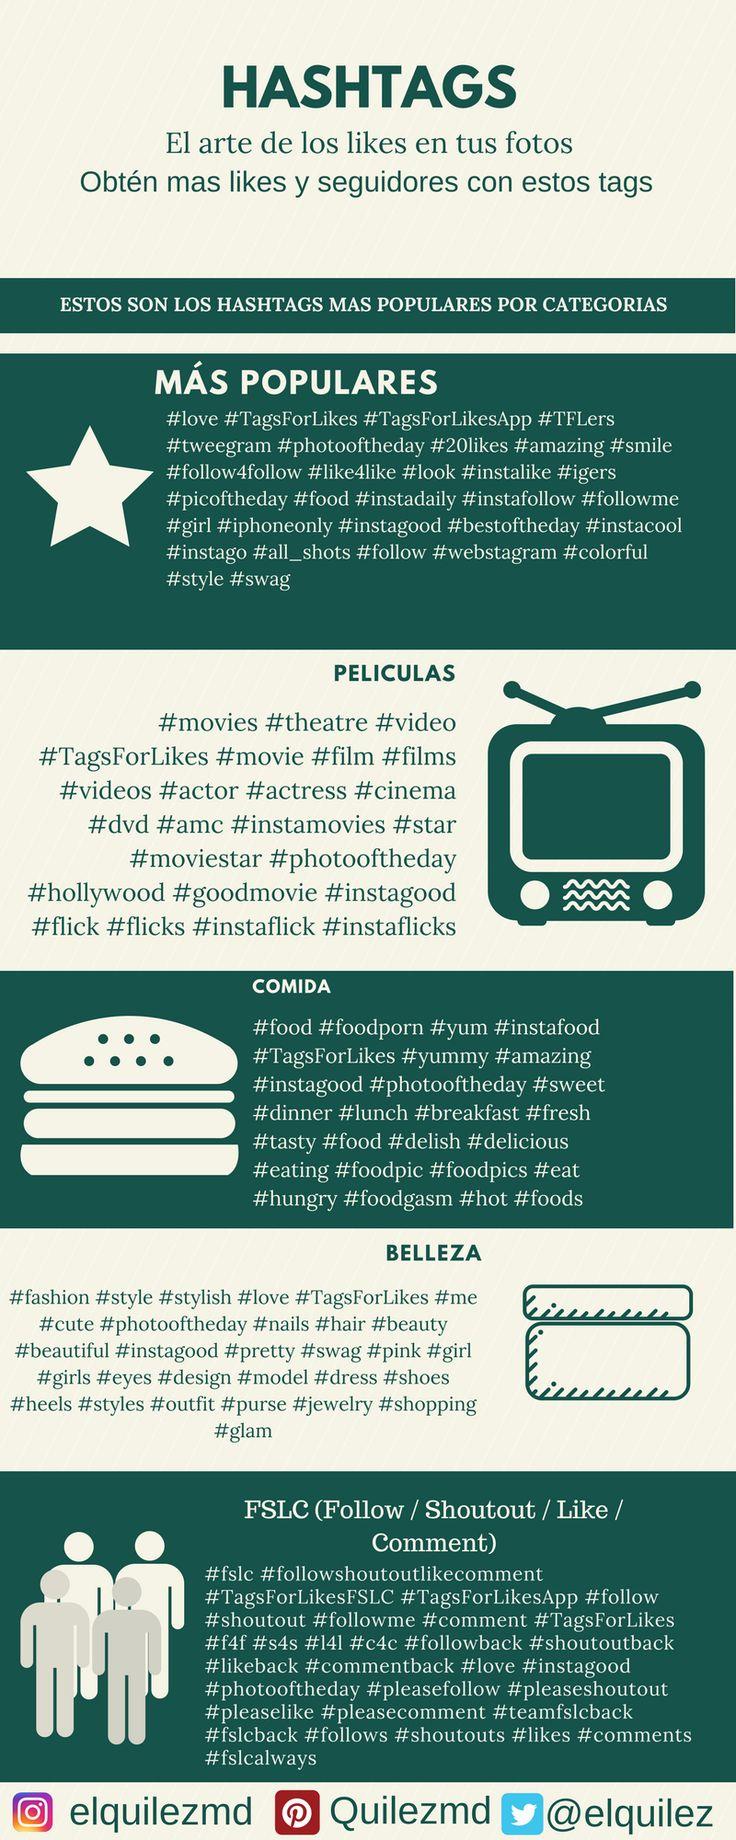 Los hashtags mas populares en diferentes categorías.